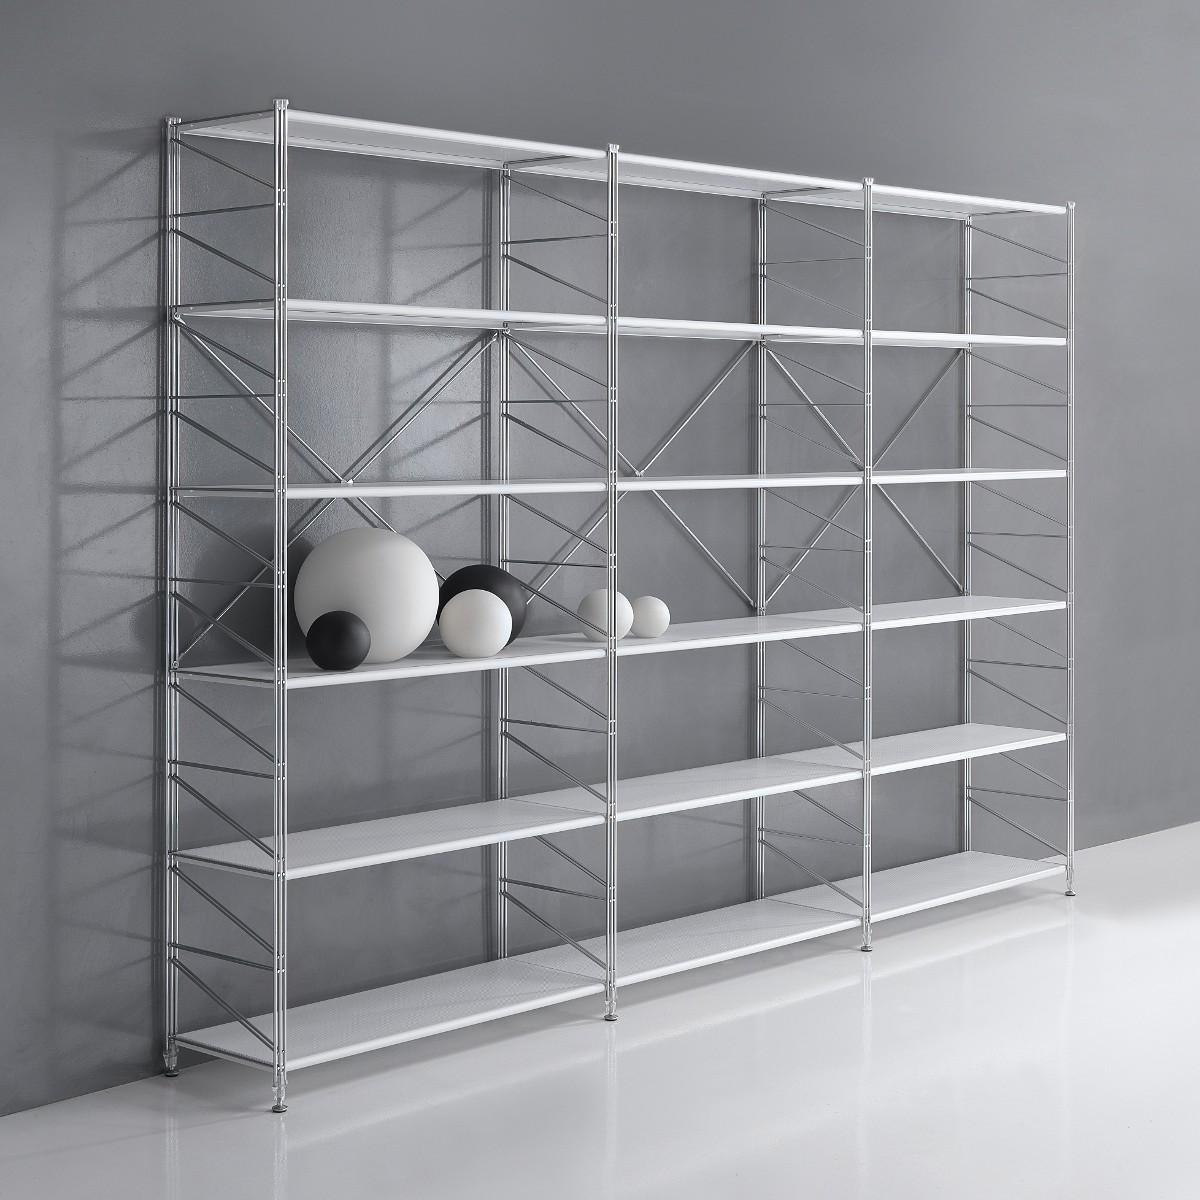 Librerie componibili in acciaio come creare scaffali e for Librerie economiche on line